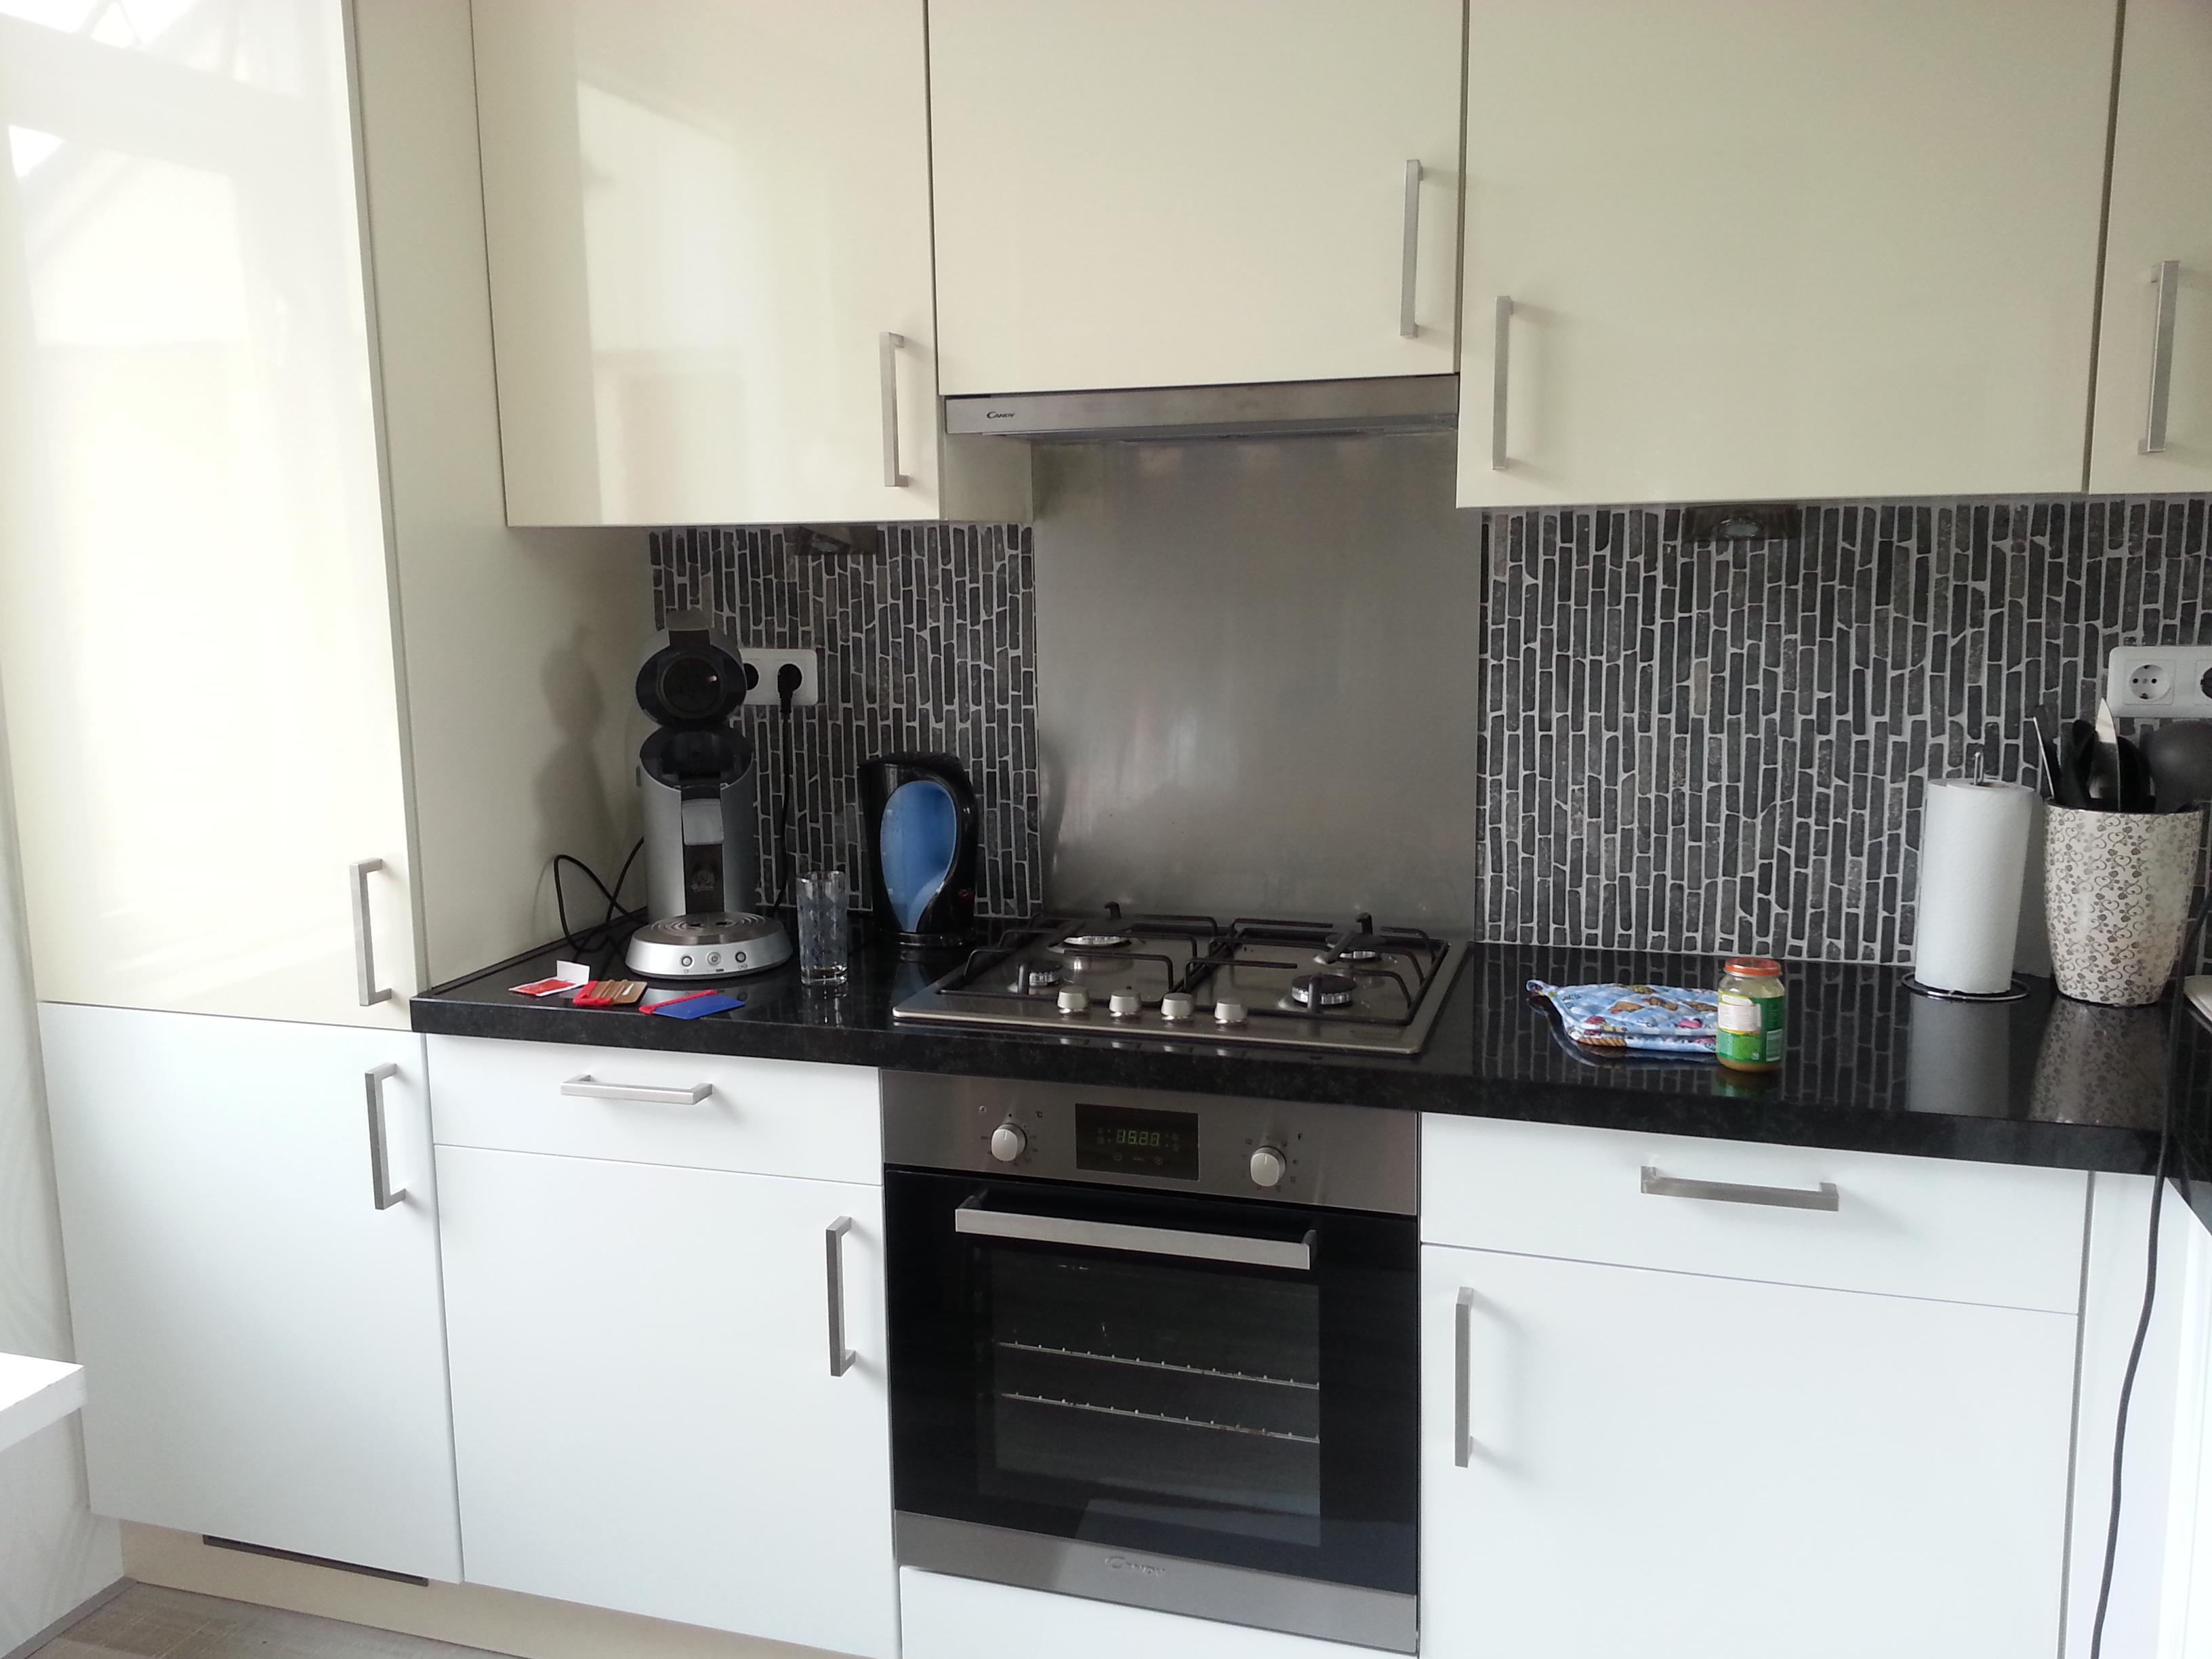 Geel De Keuken : Keuken u magnolia geel naar hoogglans wit